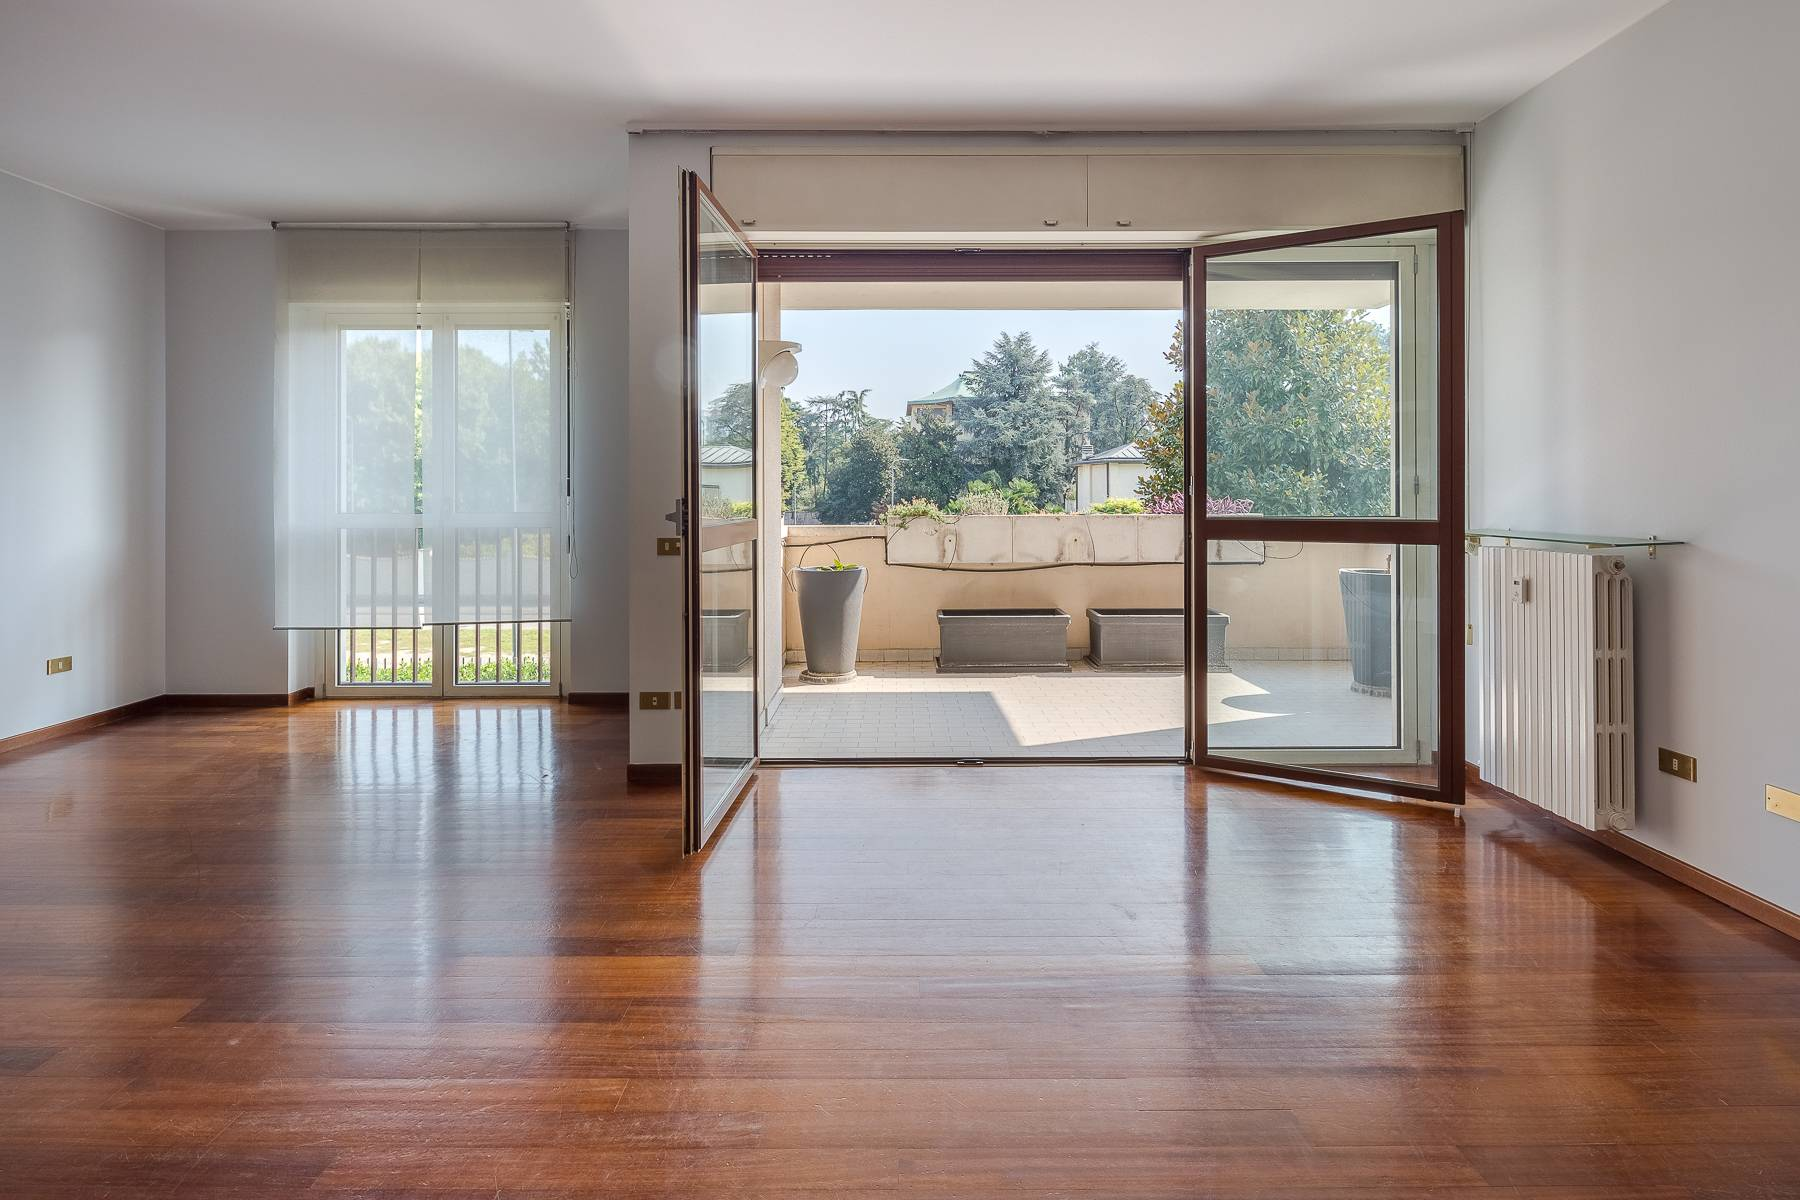 Appartamento in Vendita a Milano: 4 locali, 193 mq - Foto 1